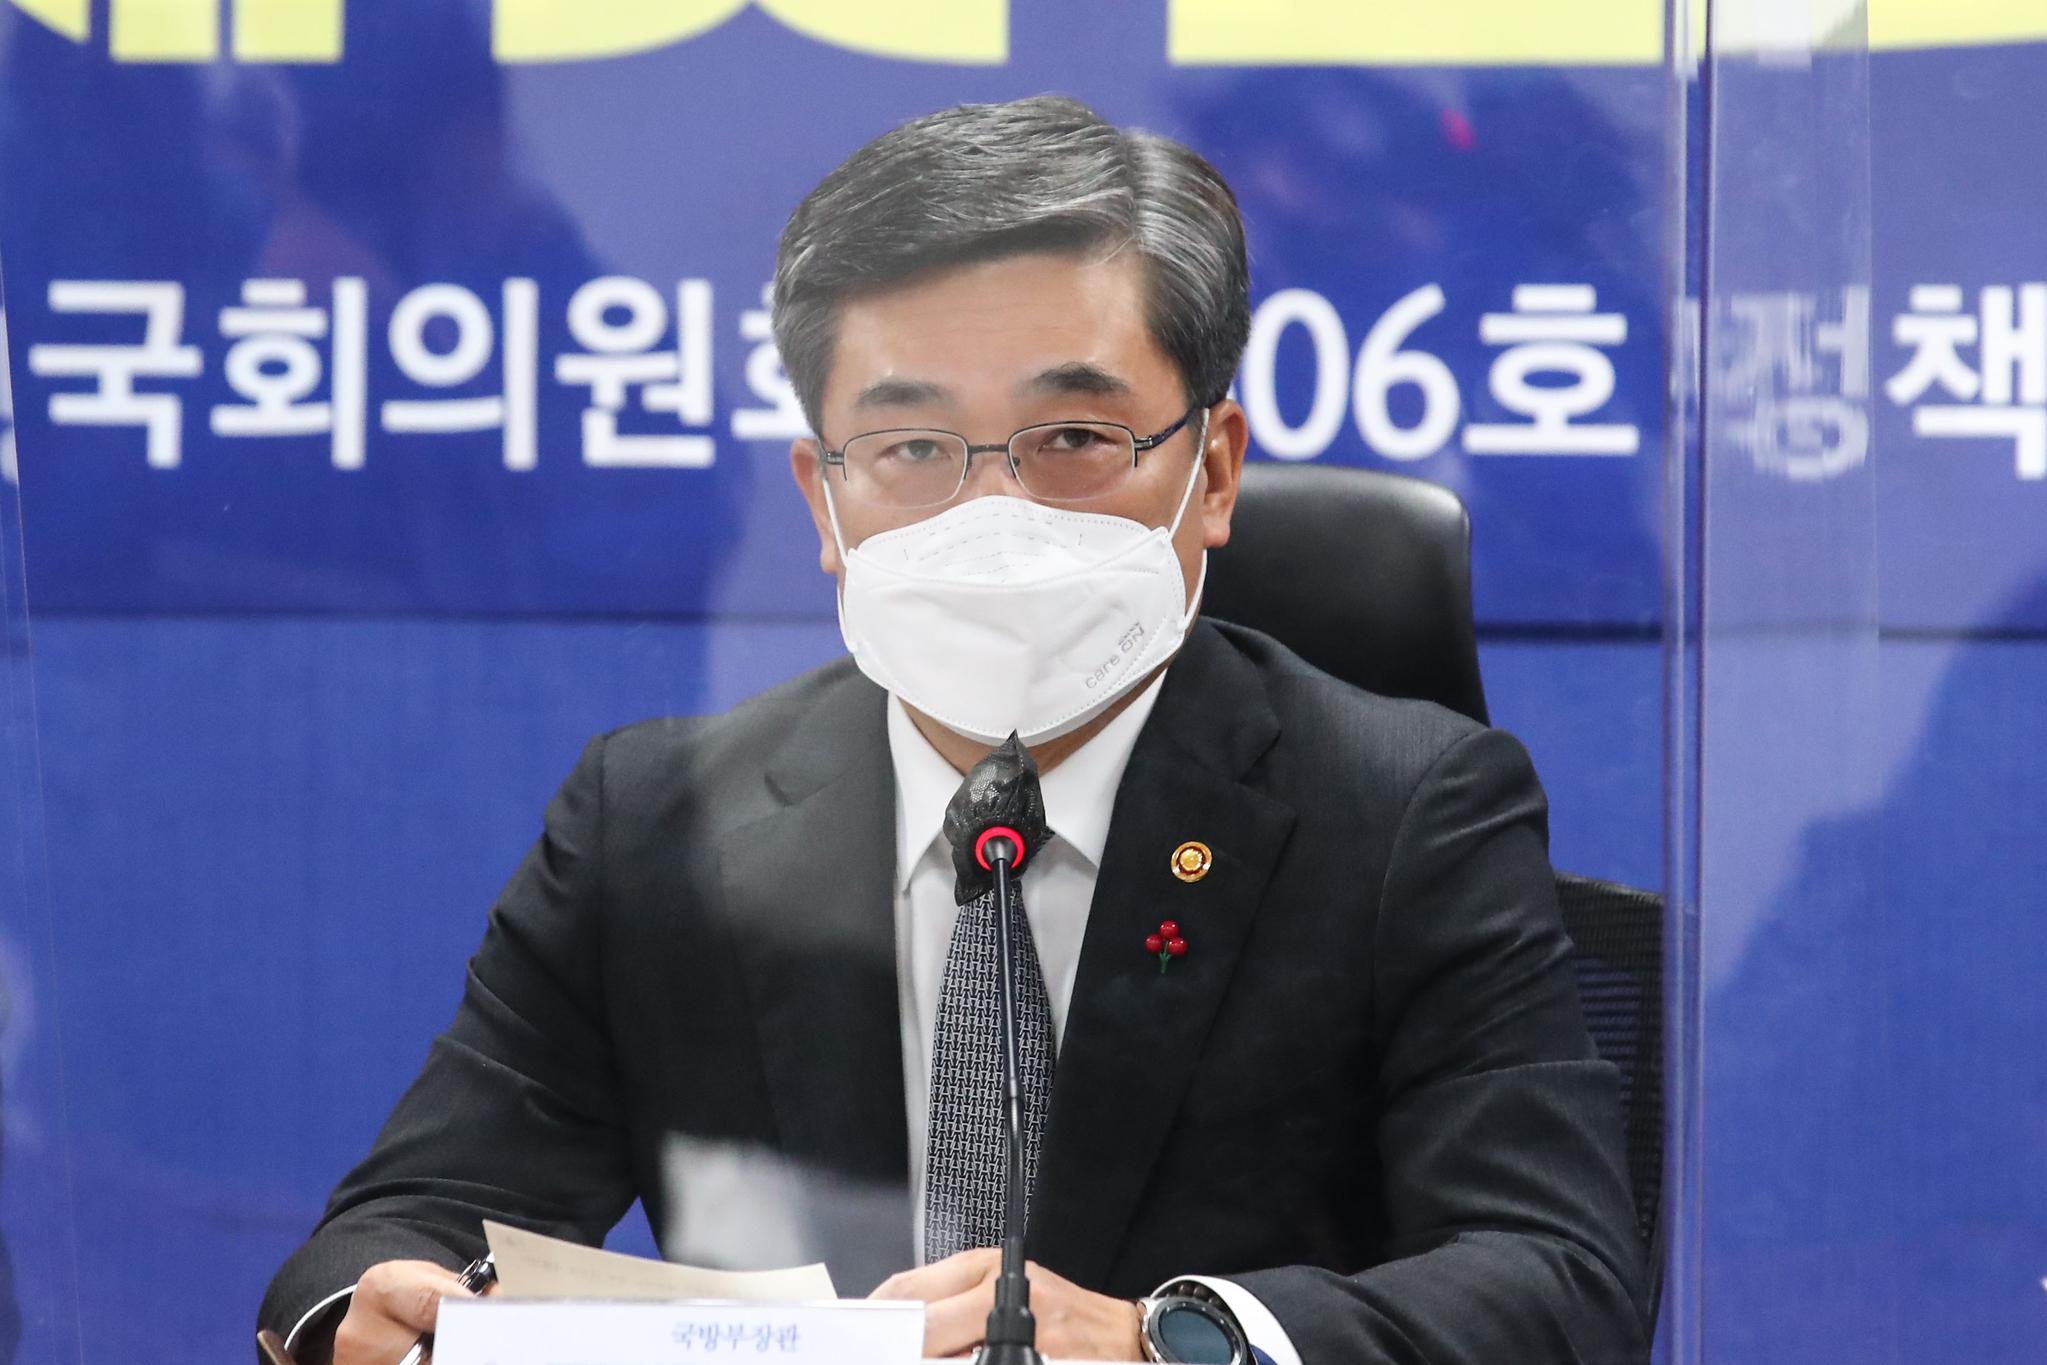 서욱 국방부장관이 14일 오전 국회 의원회관에서 열린 '군사시설 보호구역 해제 및 완화 당정협의'에서 발언하고 있다. 오종택 기자